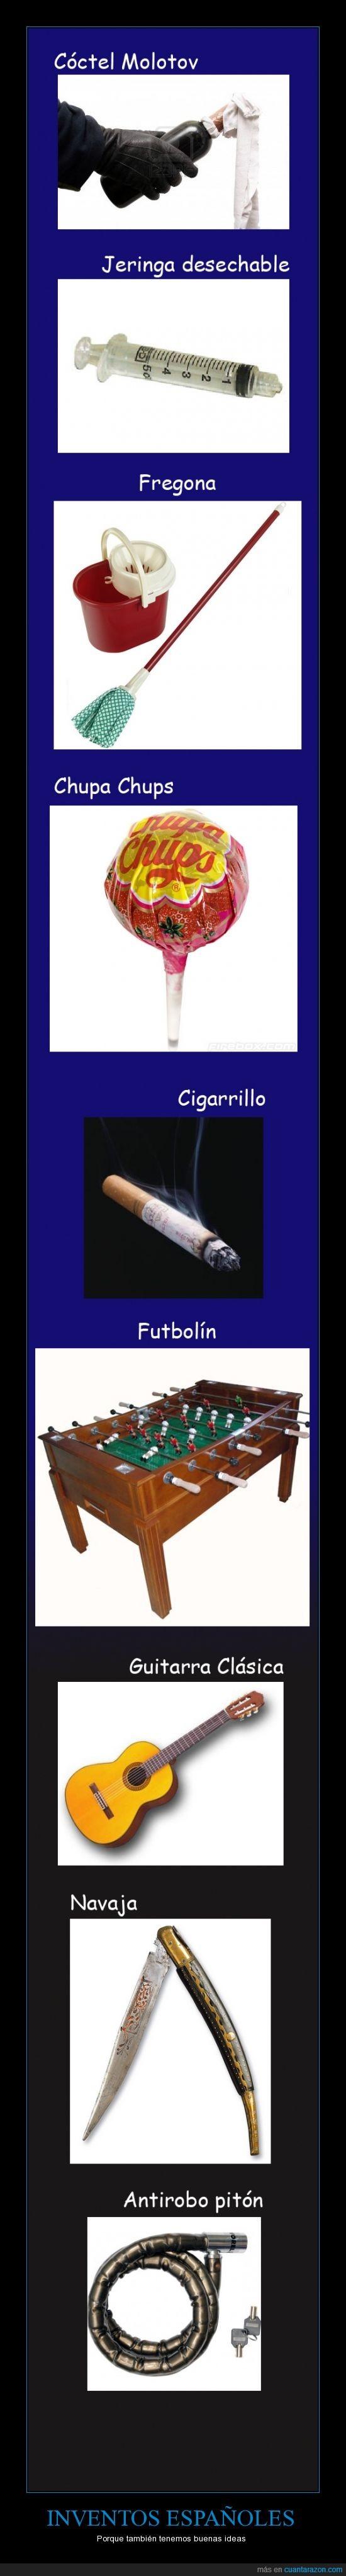 antirobo,chupa chups,cigarrillo,cigarro,españa,fregona,futbolin,guitarra,invento,inventos españoles,jeringa,piton,republica